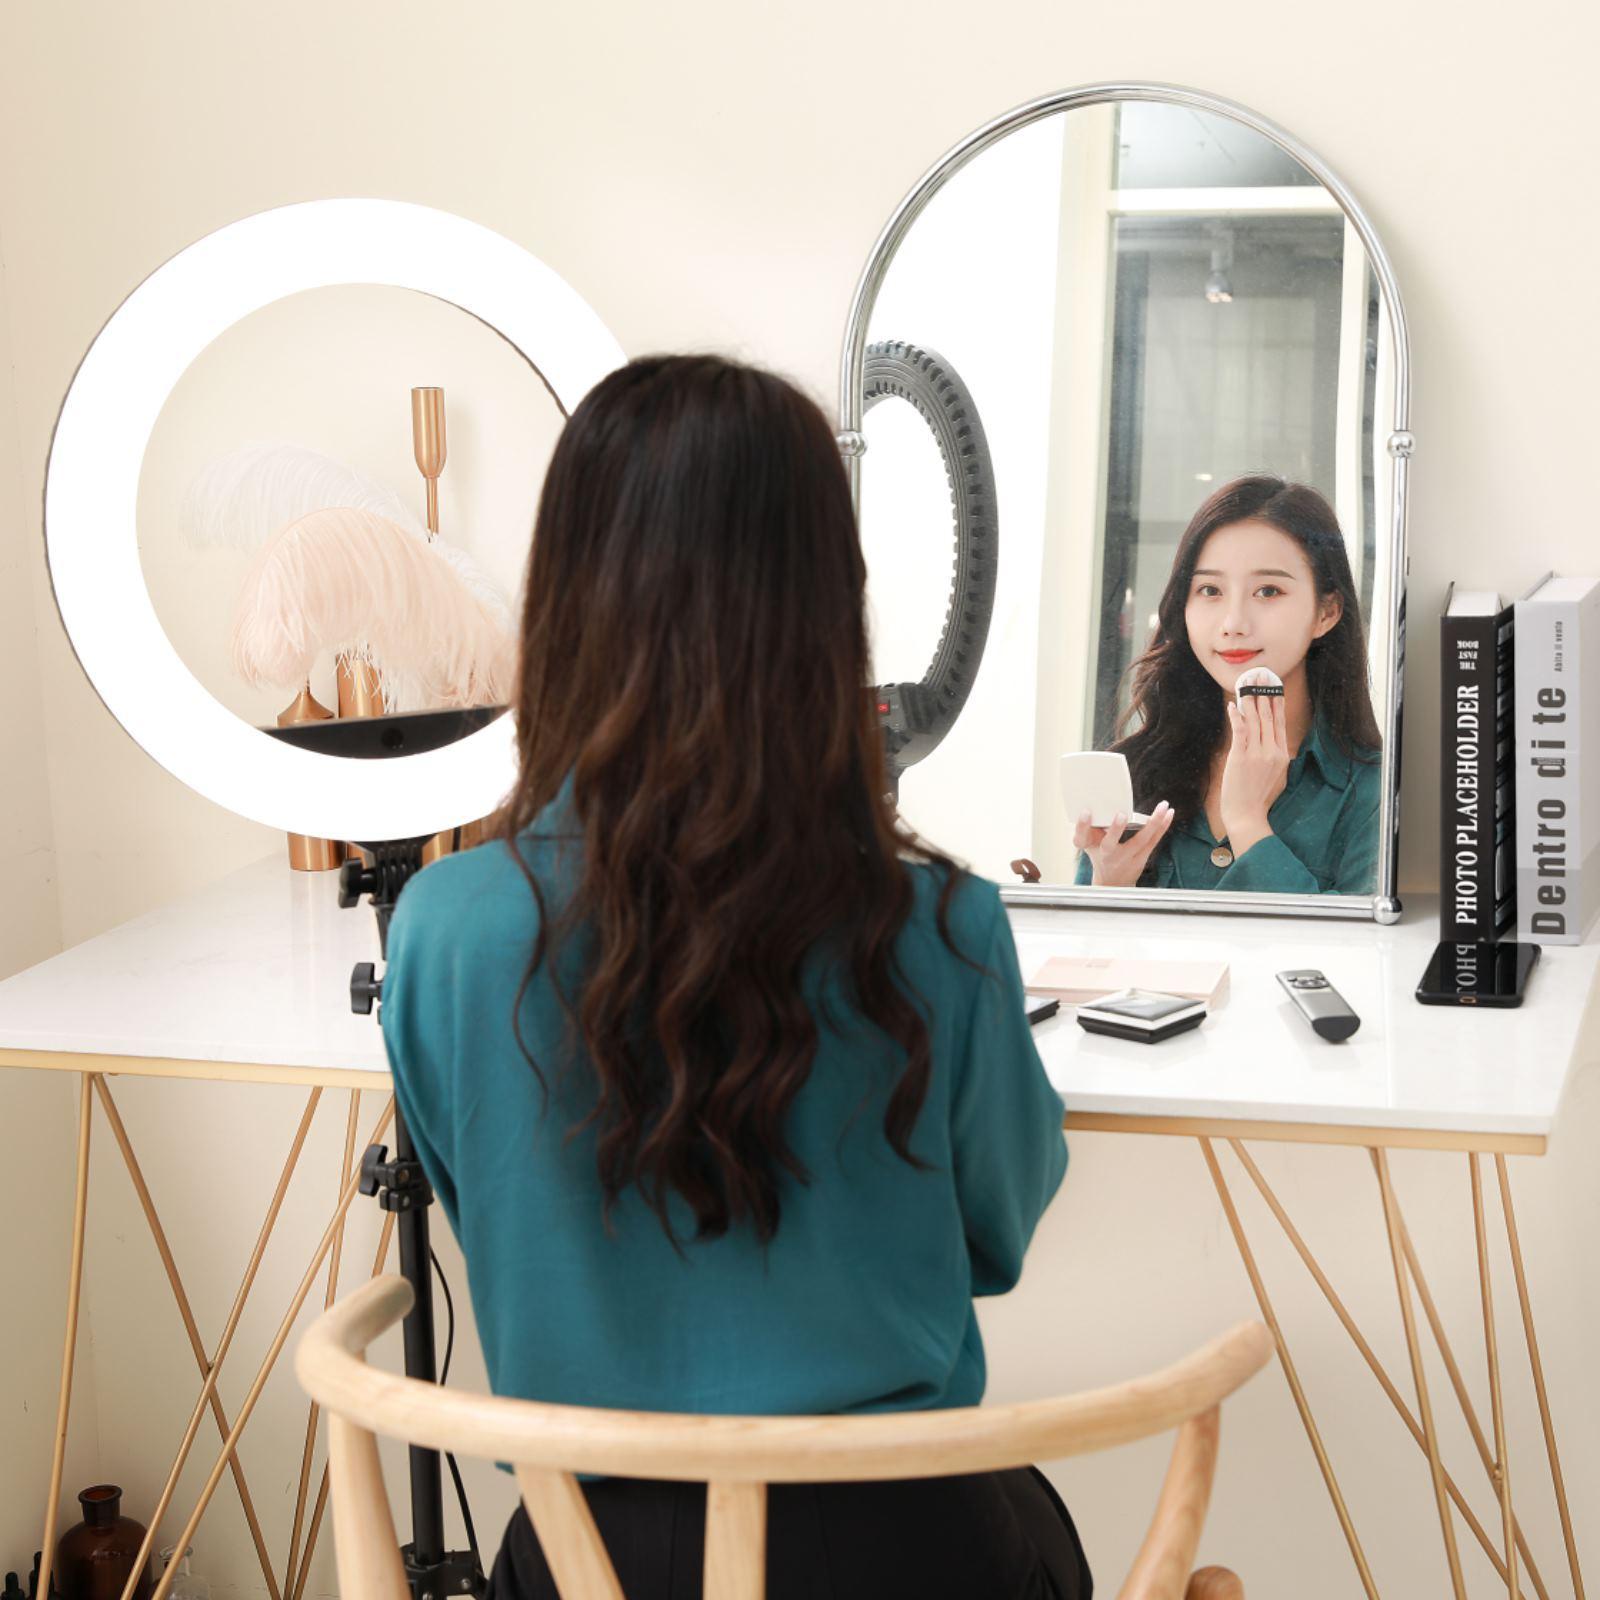 Đèn livestream 45Cm, Đèn Led Trợ Sáng, Chiếu Sáng Studio, Makeup, Quay Phim , Chụp Ảnh, Livetream, Selfie, Xăm nghệ thuật Kèm Kẹp Điện Thoại Tùy Chỉnh